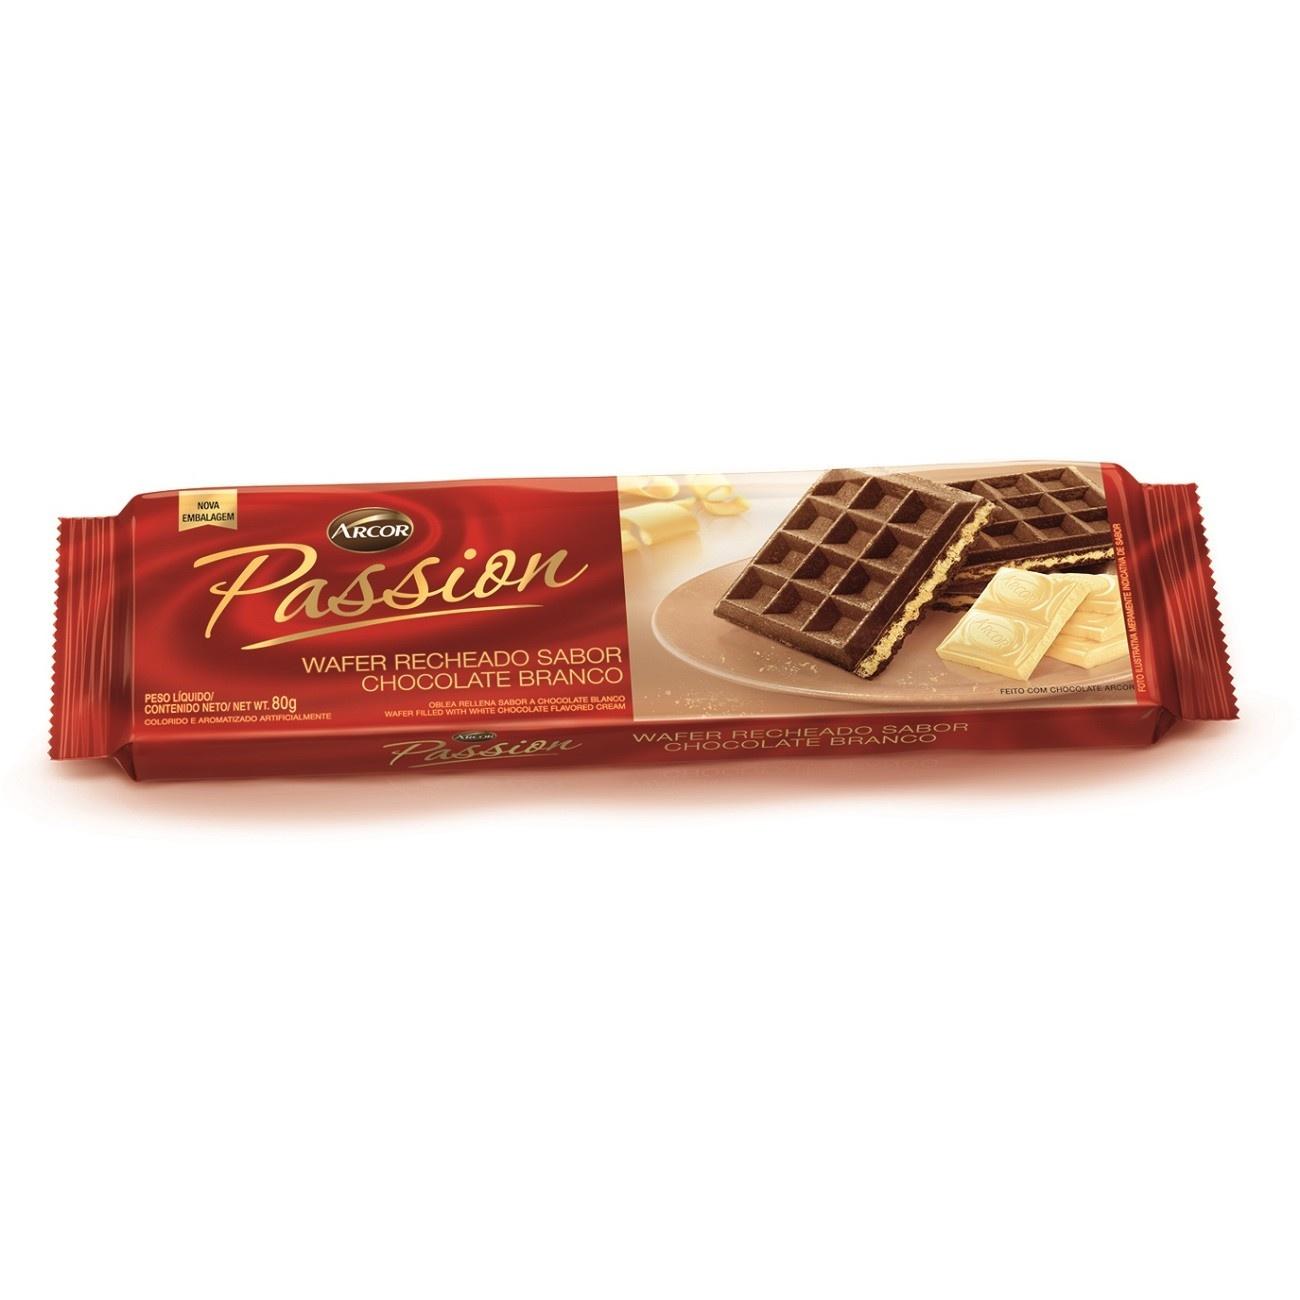 Biscoito Arcor Passion Chocolate Branco 80g